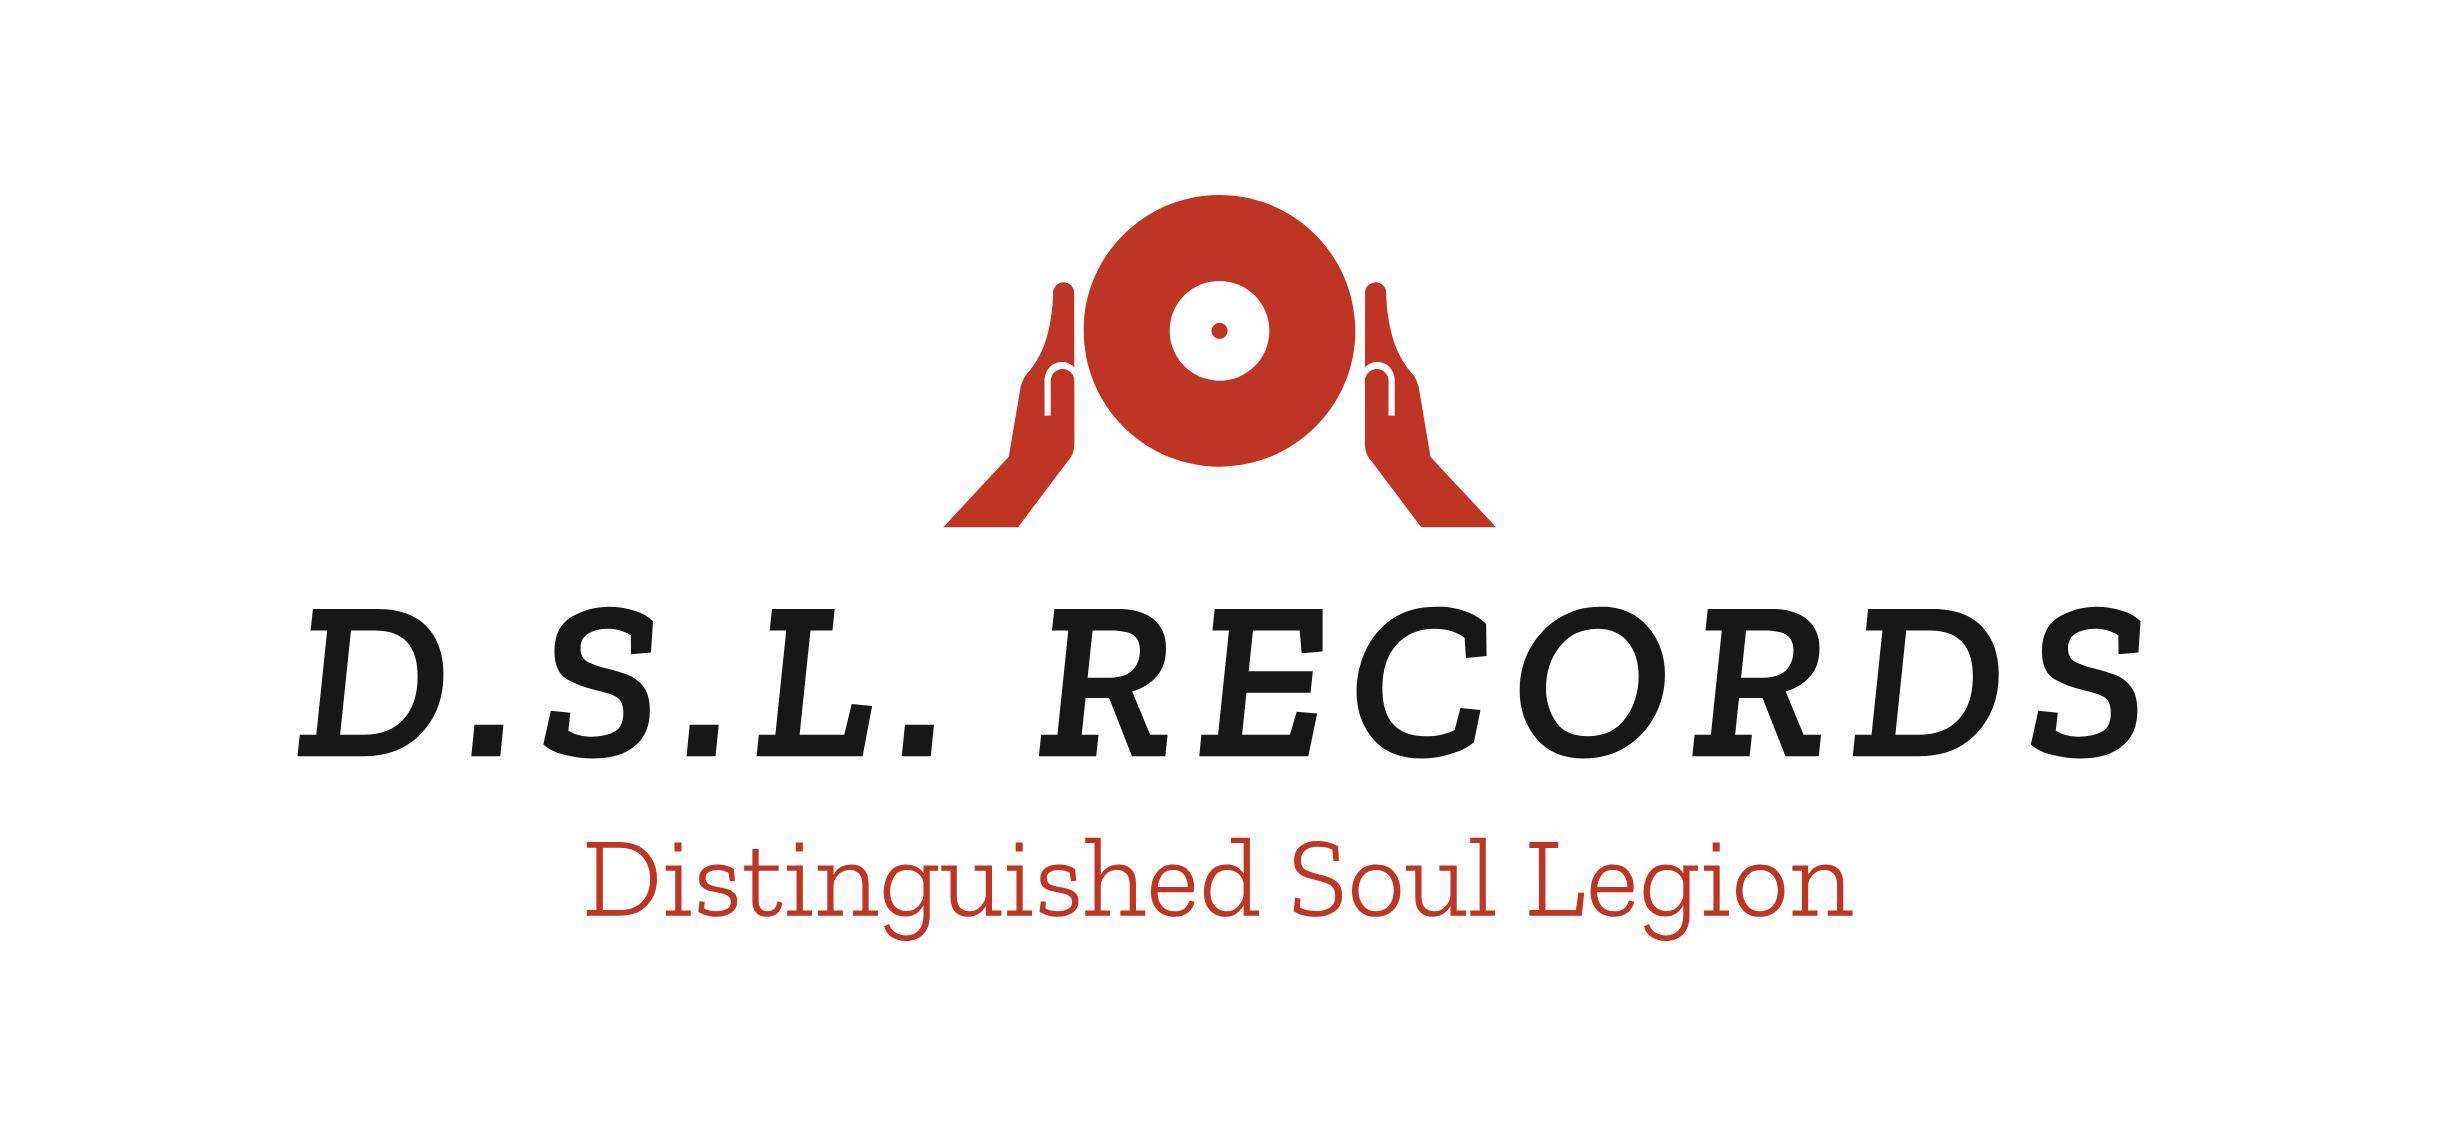 D.S.L. Records – Distinguished Soul Legion